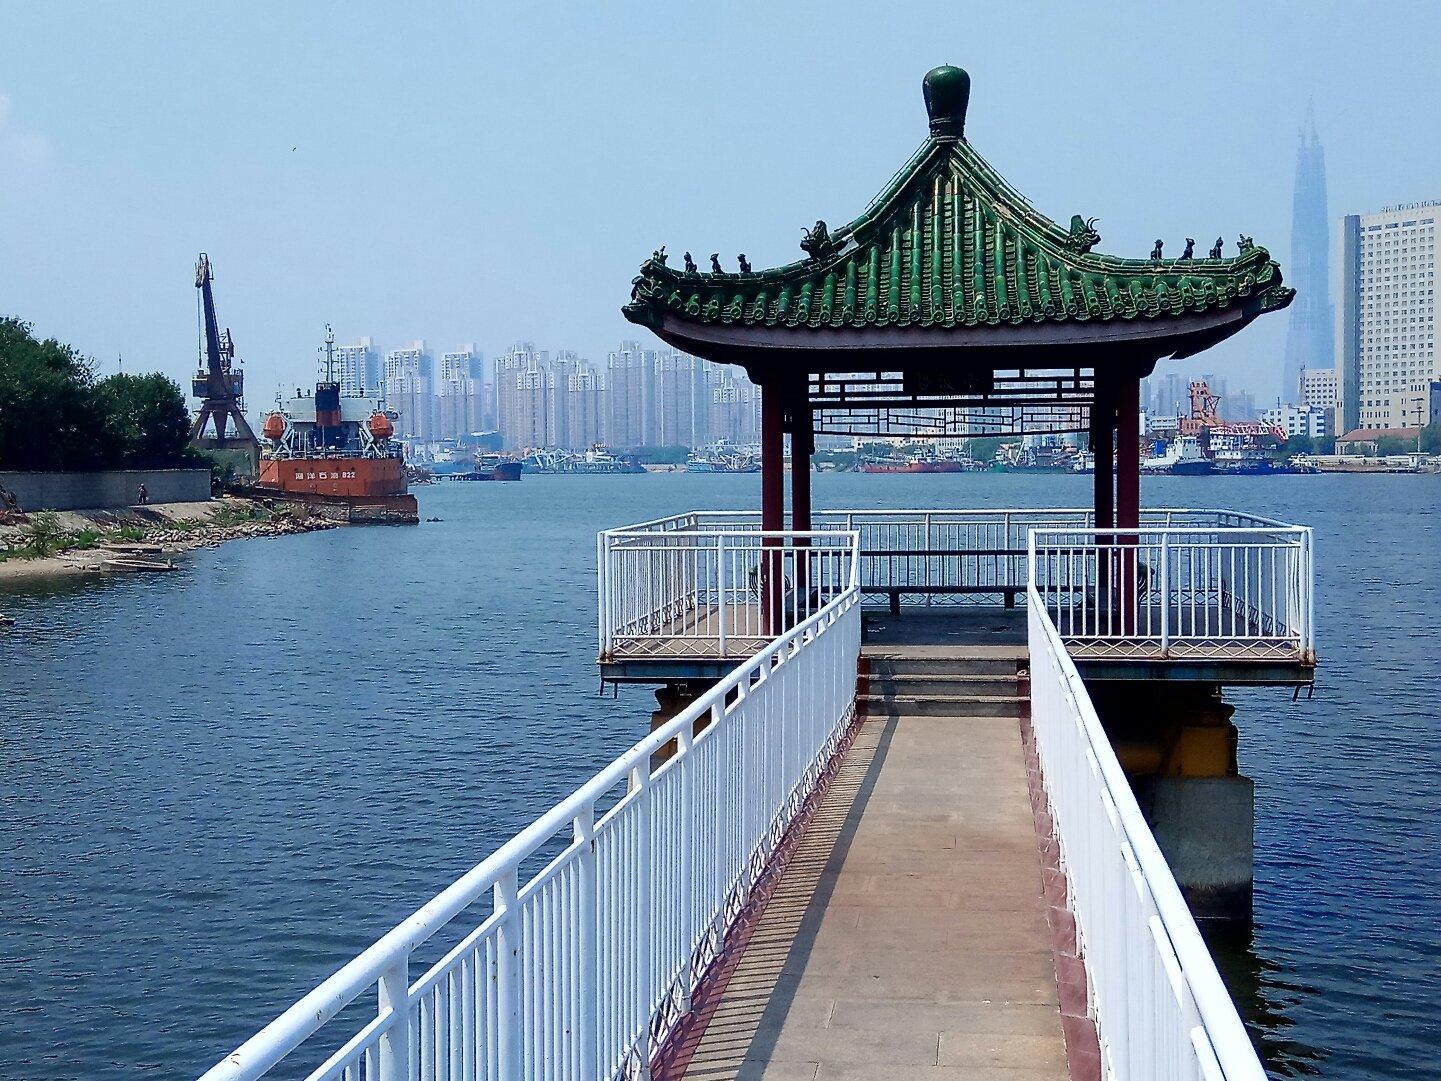 天津市滨海新区渤海石油街道渤海石油滨海新村天津滨海新区蓝鲸生态岛